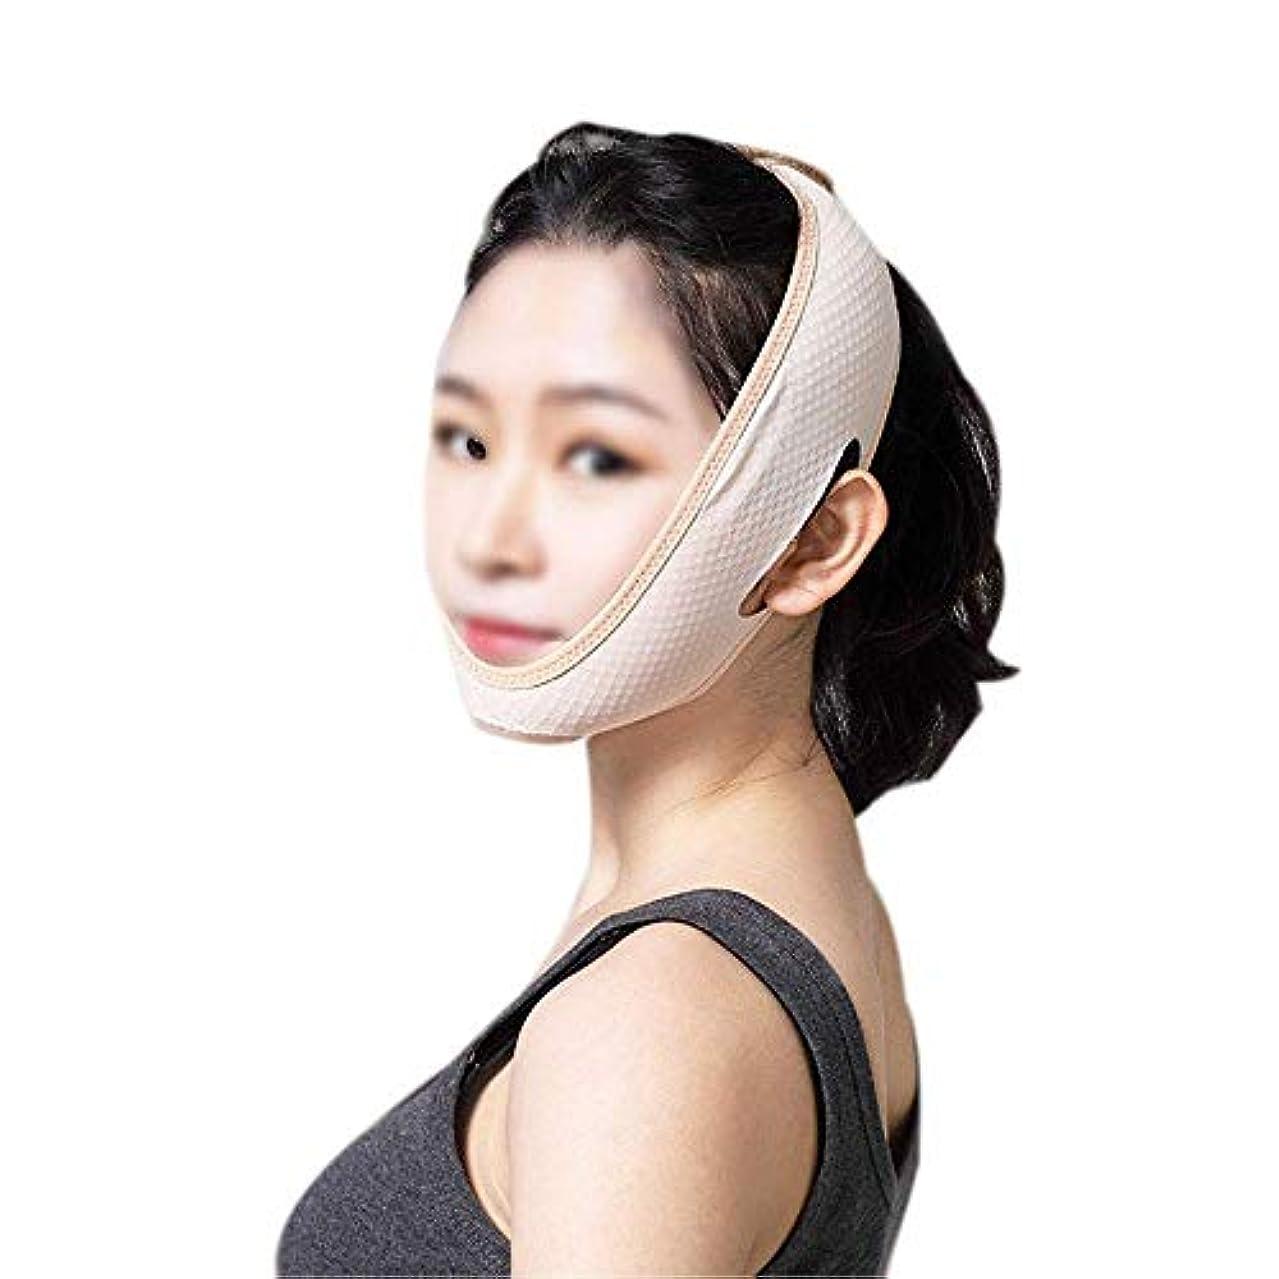 ワイヤーかき混ぜる鉄道フェイスリフティングバンデージ、肌の引き締めを強化する薄いフェイスマスクの睡眠、ダブルチンマスクの削減